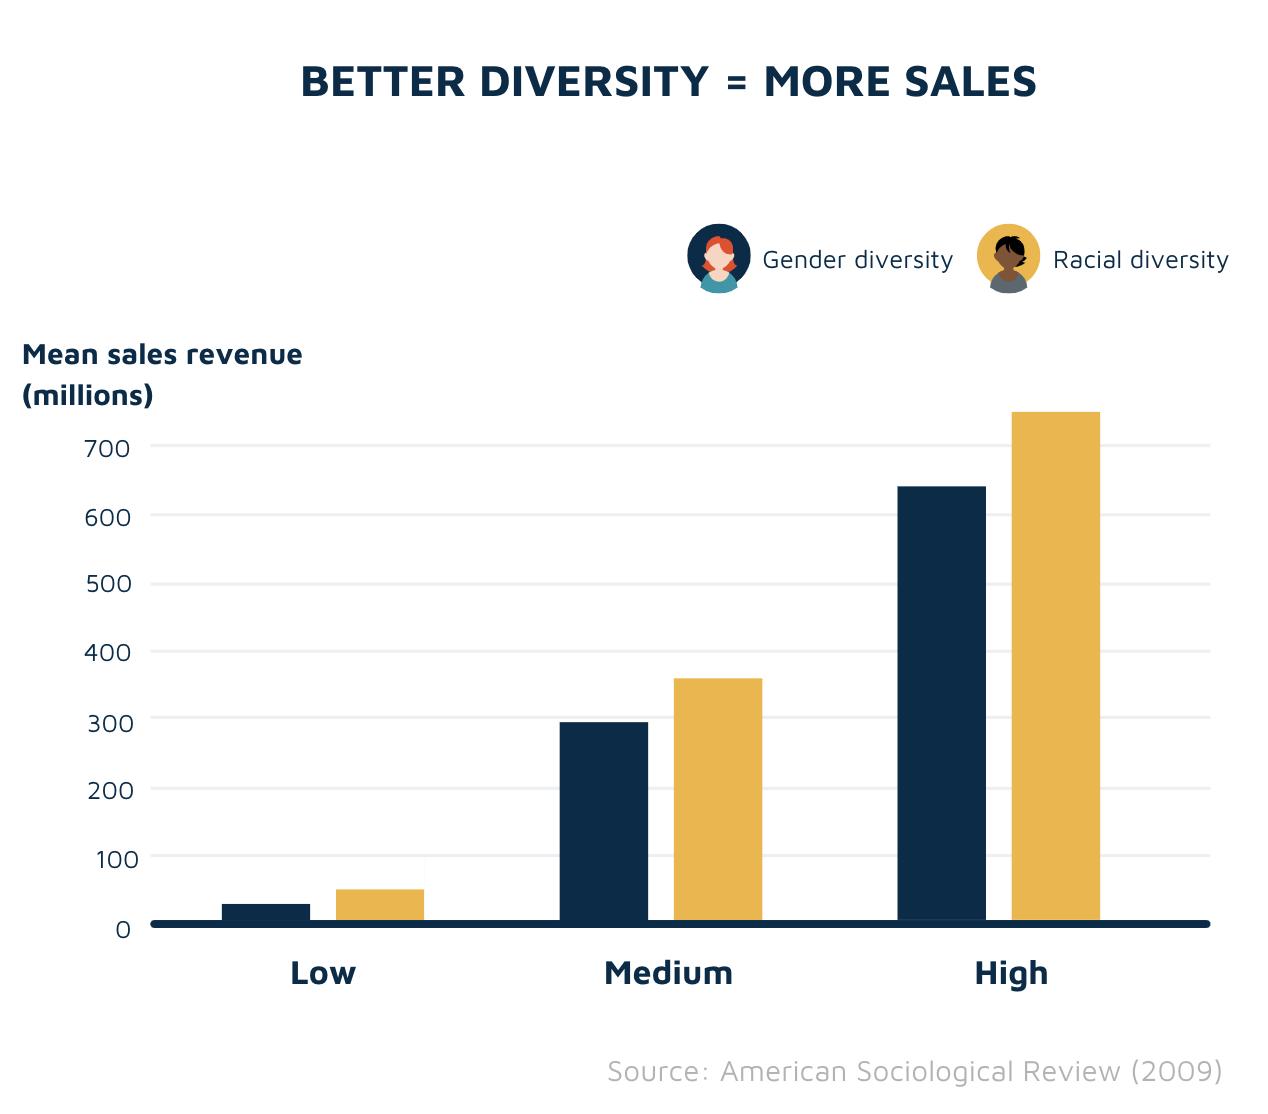 Better diversity means higher sales revenue